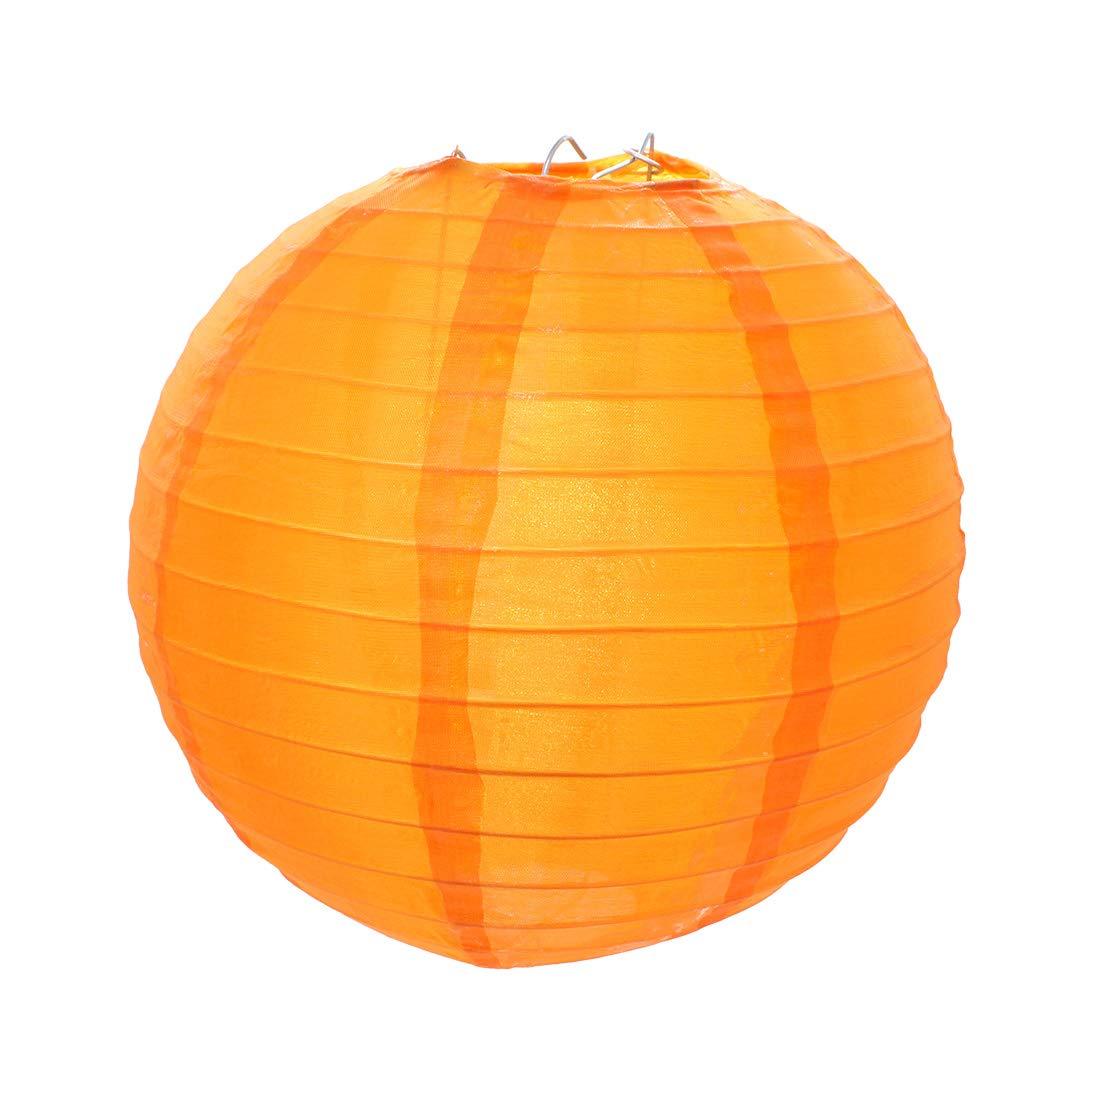 Chinois Lanterne Ronde pour D/écoration de Mariage No/ël Maison Anniversaire F/ête Yuhtech Lanternes en Nylon 6 Couleurs - 18 Pcs